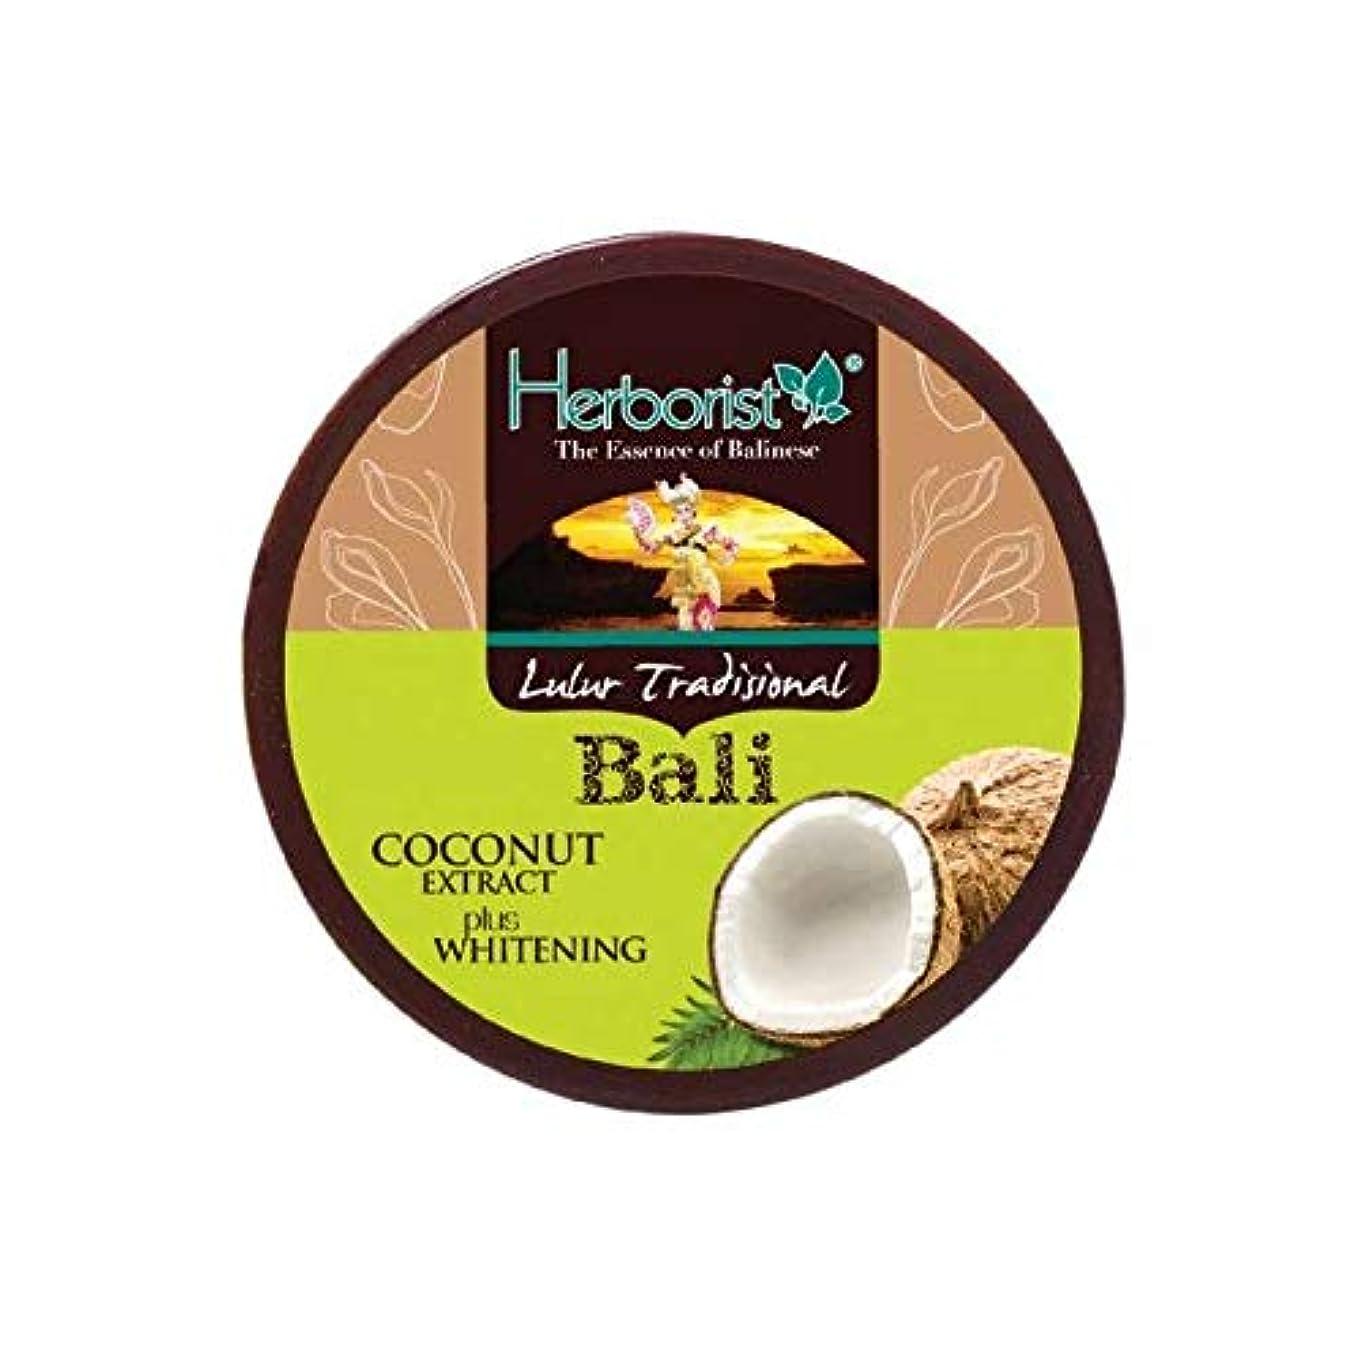 オレンジハロウィンバクテリアHerborist ハーボリスト インドネシアバリ島の伝統的なボディスクラブ Lulur Tradisional Bali ルルールトラディショナルバリ 100g Coconut ココナッツ [海外直送品]